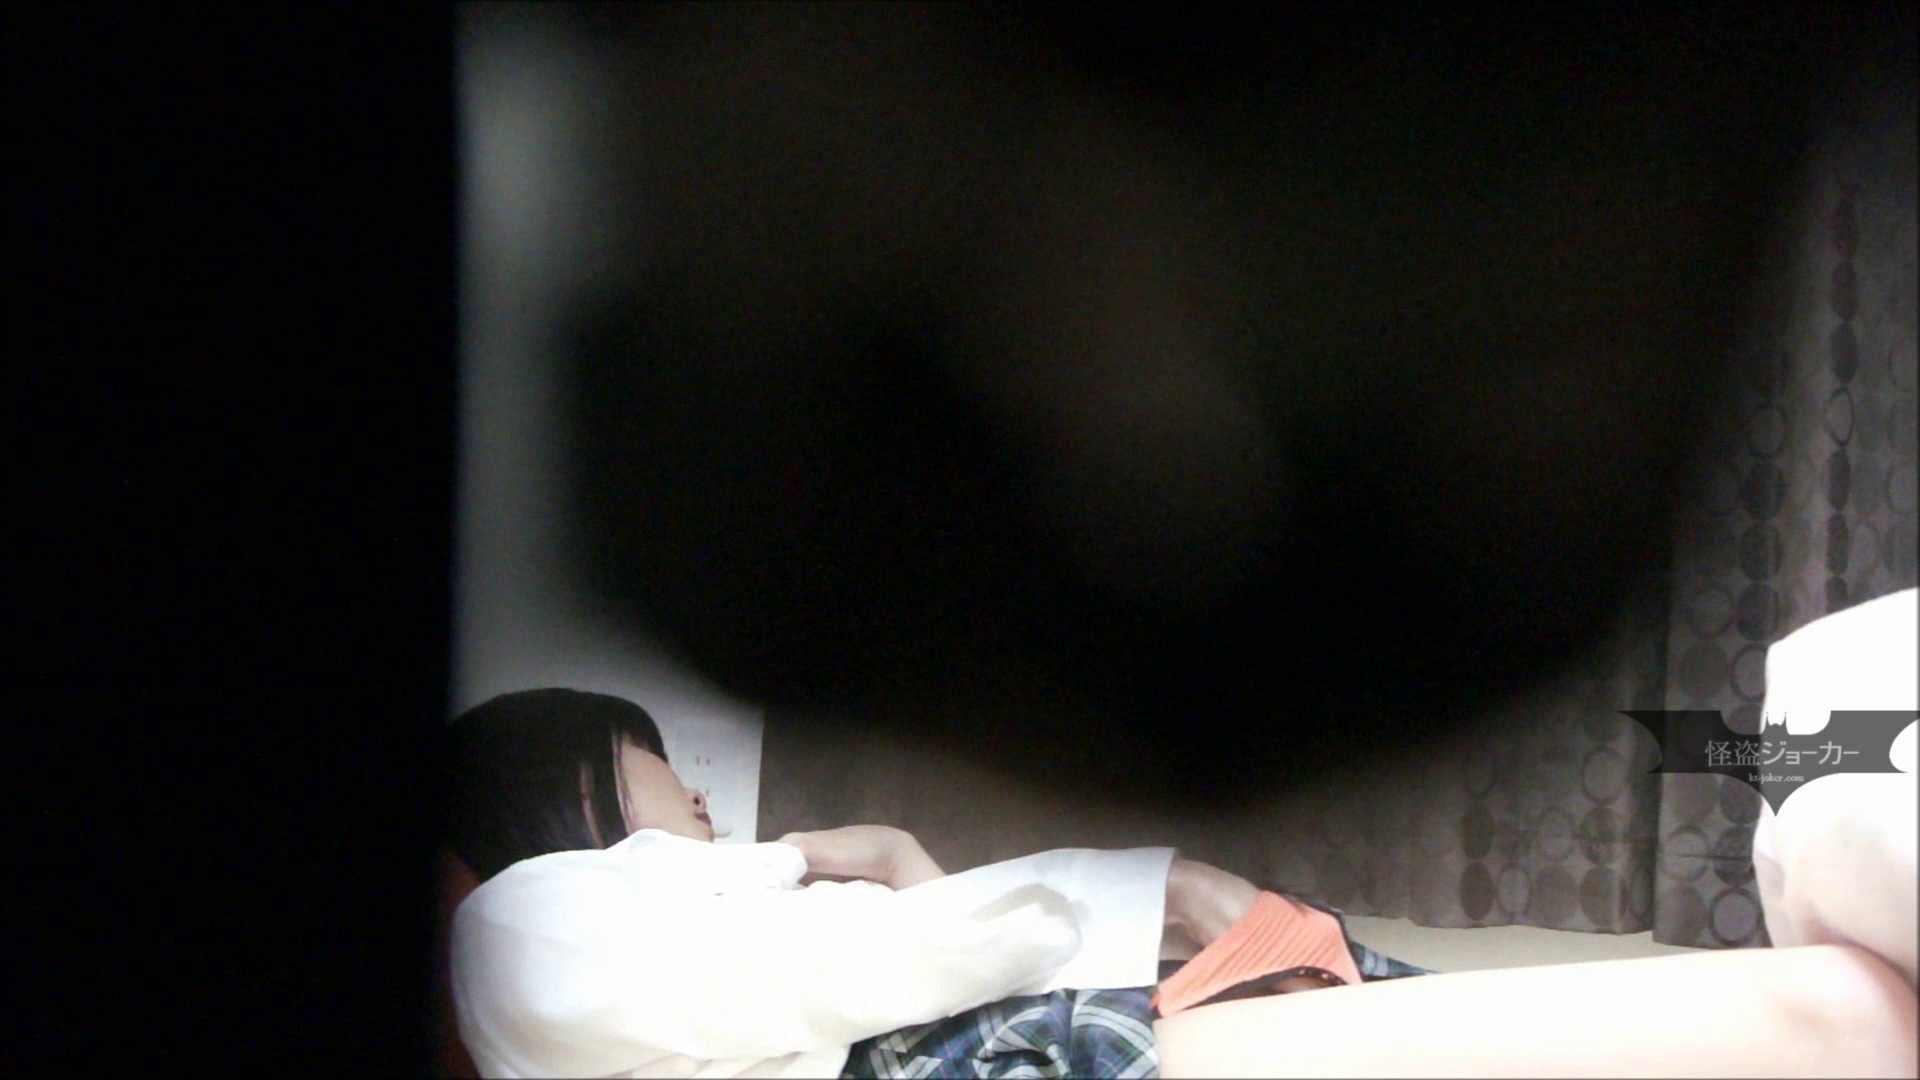 【未公開】vol.54【小春】脱衣所とオナニー隠し撮り 脱衣所   高画質  81画像 35